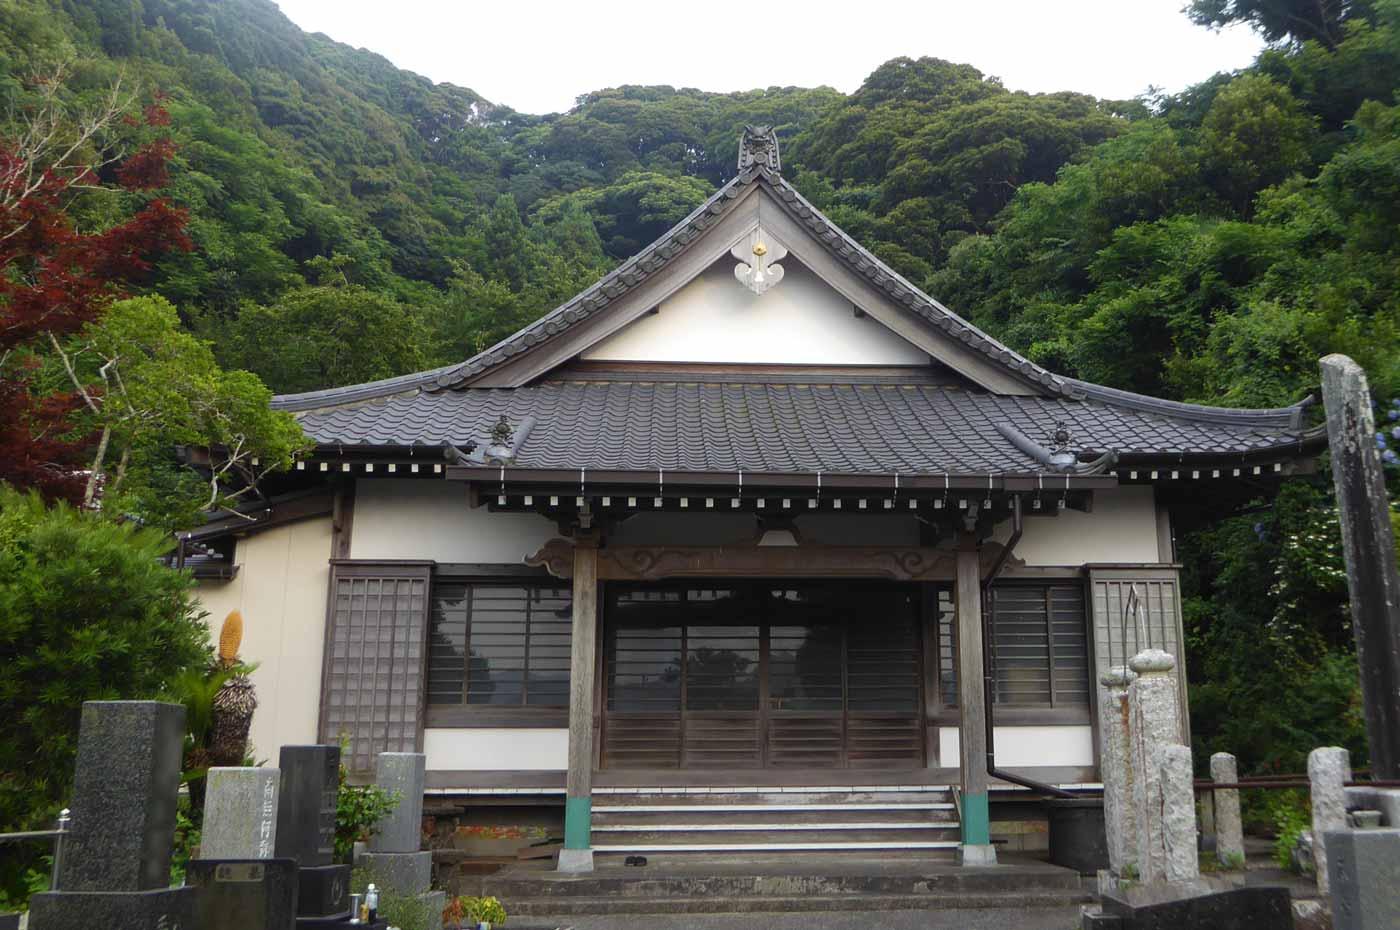 善龍寺本堂のアップ画像